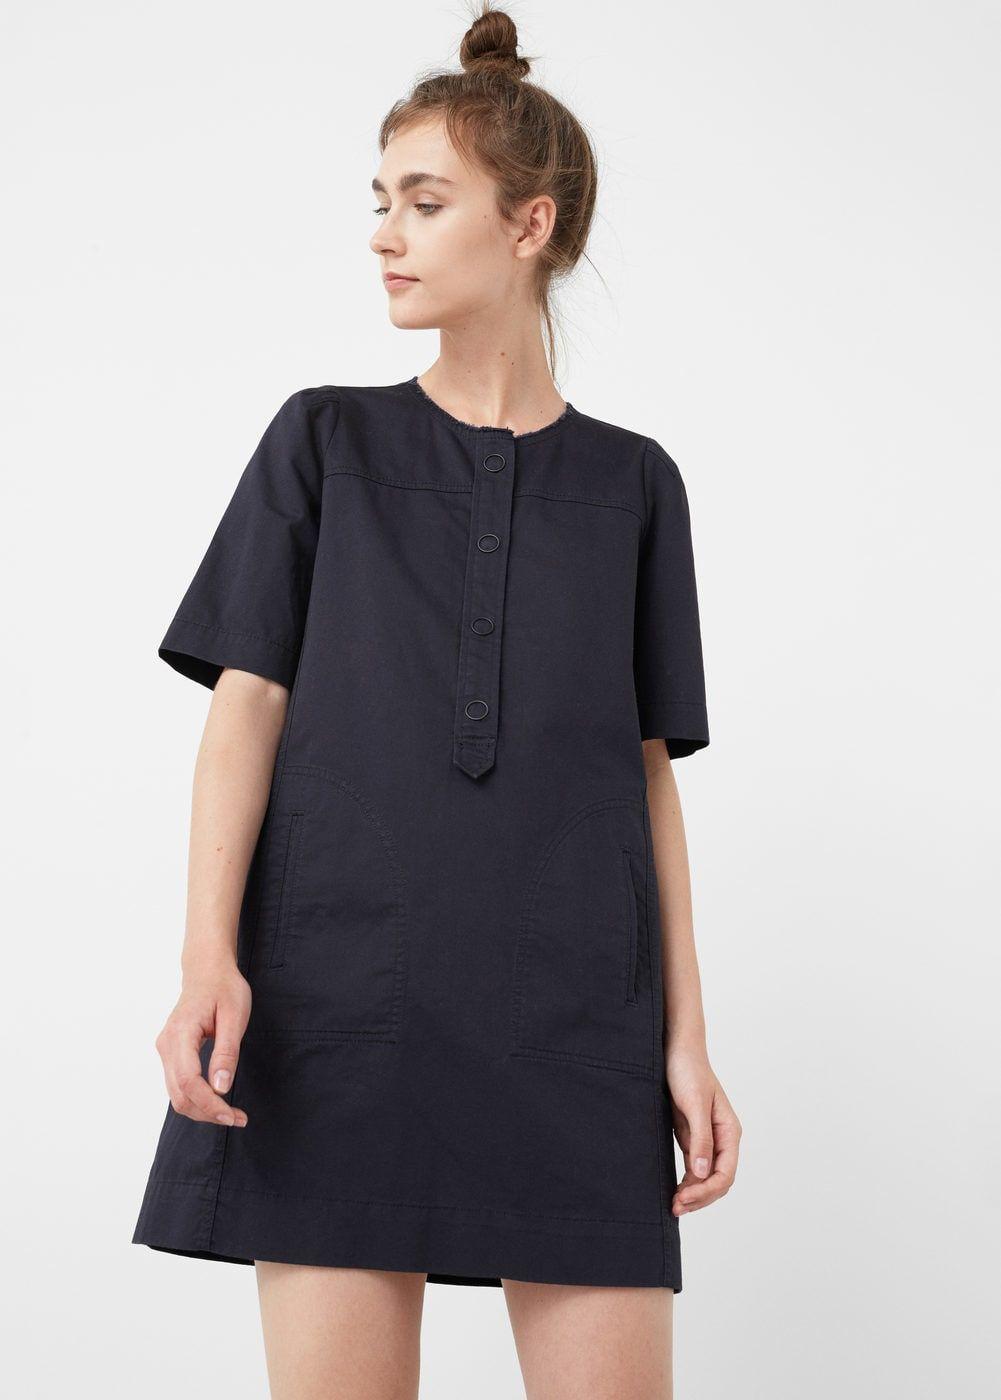 Damen kleider c&a | Trendige Kleider für die Saison 2018